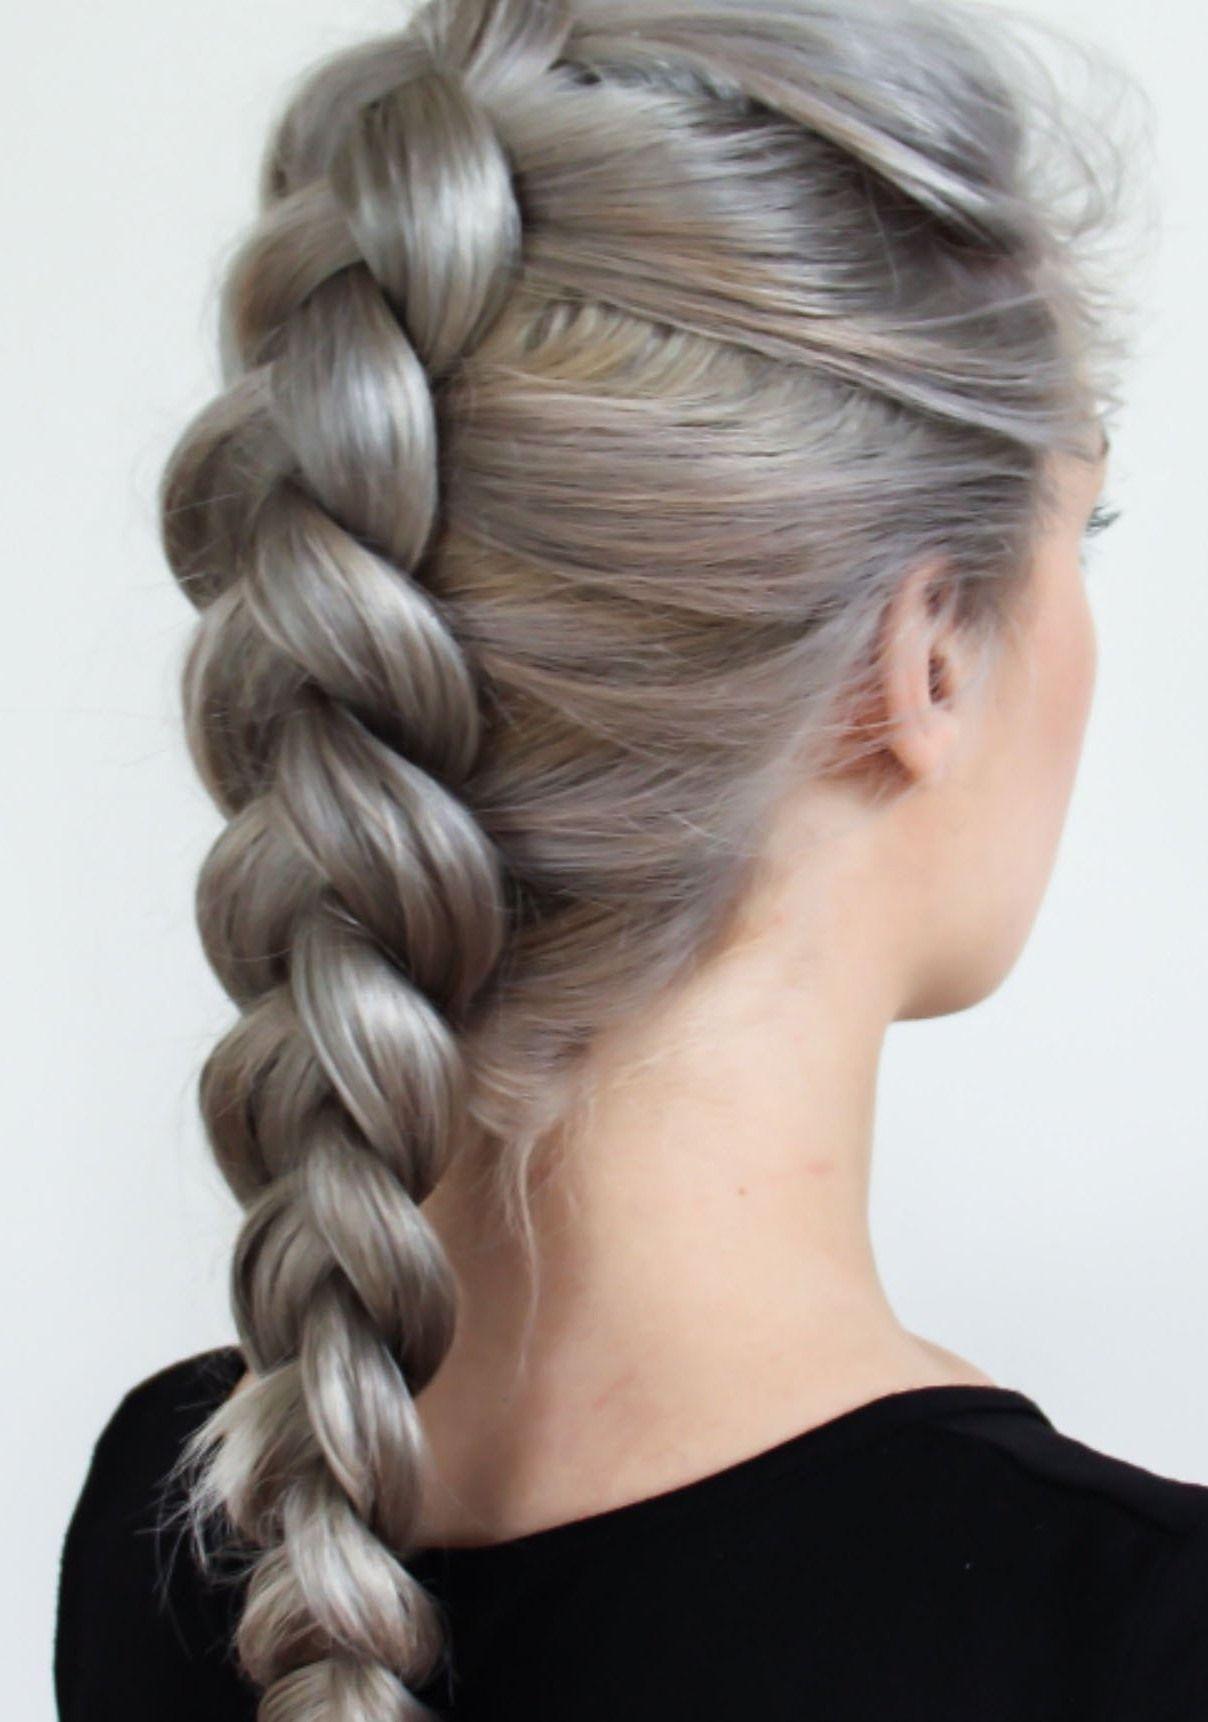 45 Easy Braid Frisuren Mit Wie Man Sie Macht Neue Frisurentrends Braided Hairstyles Hair Styles Cool Easy Hairstyles